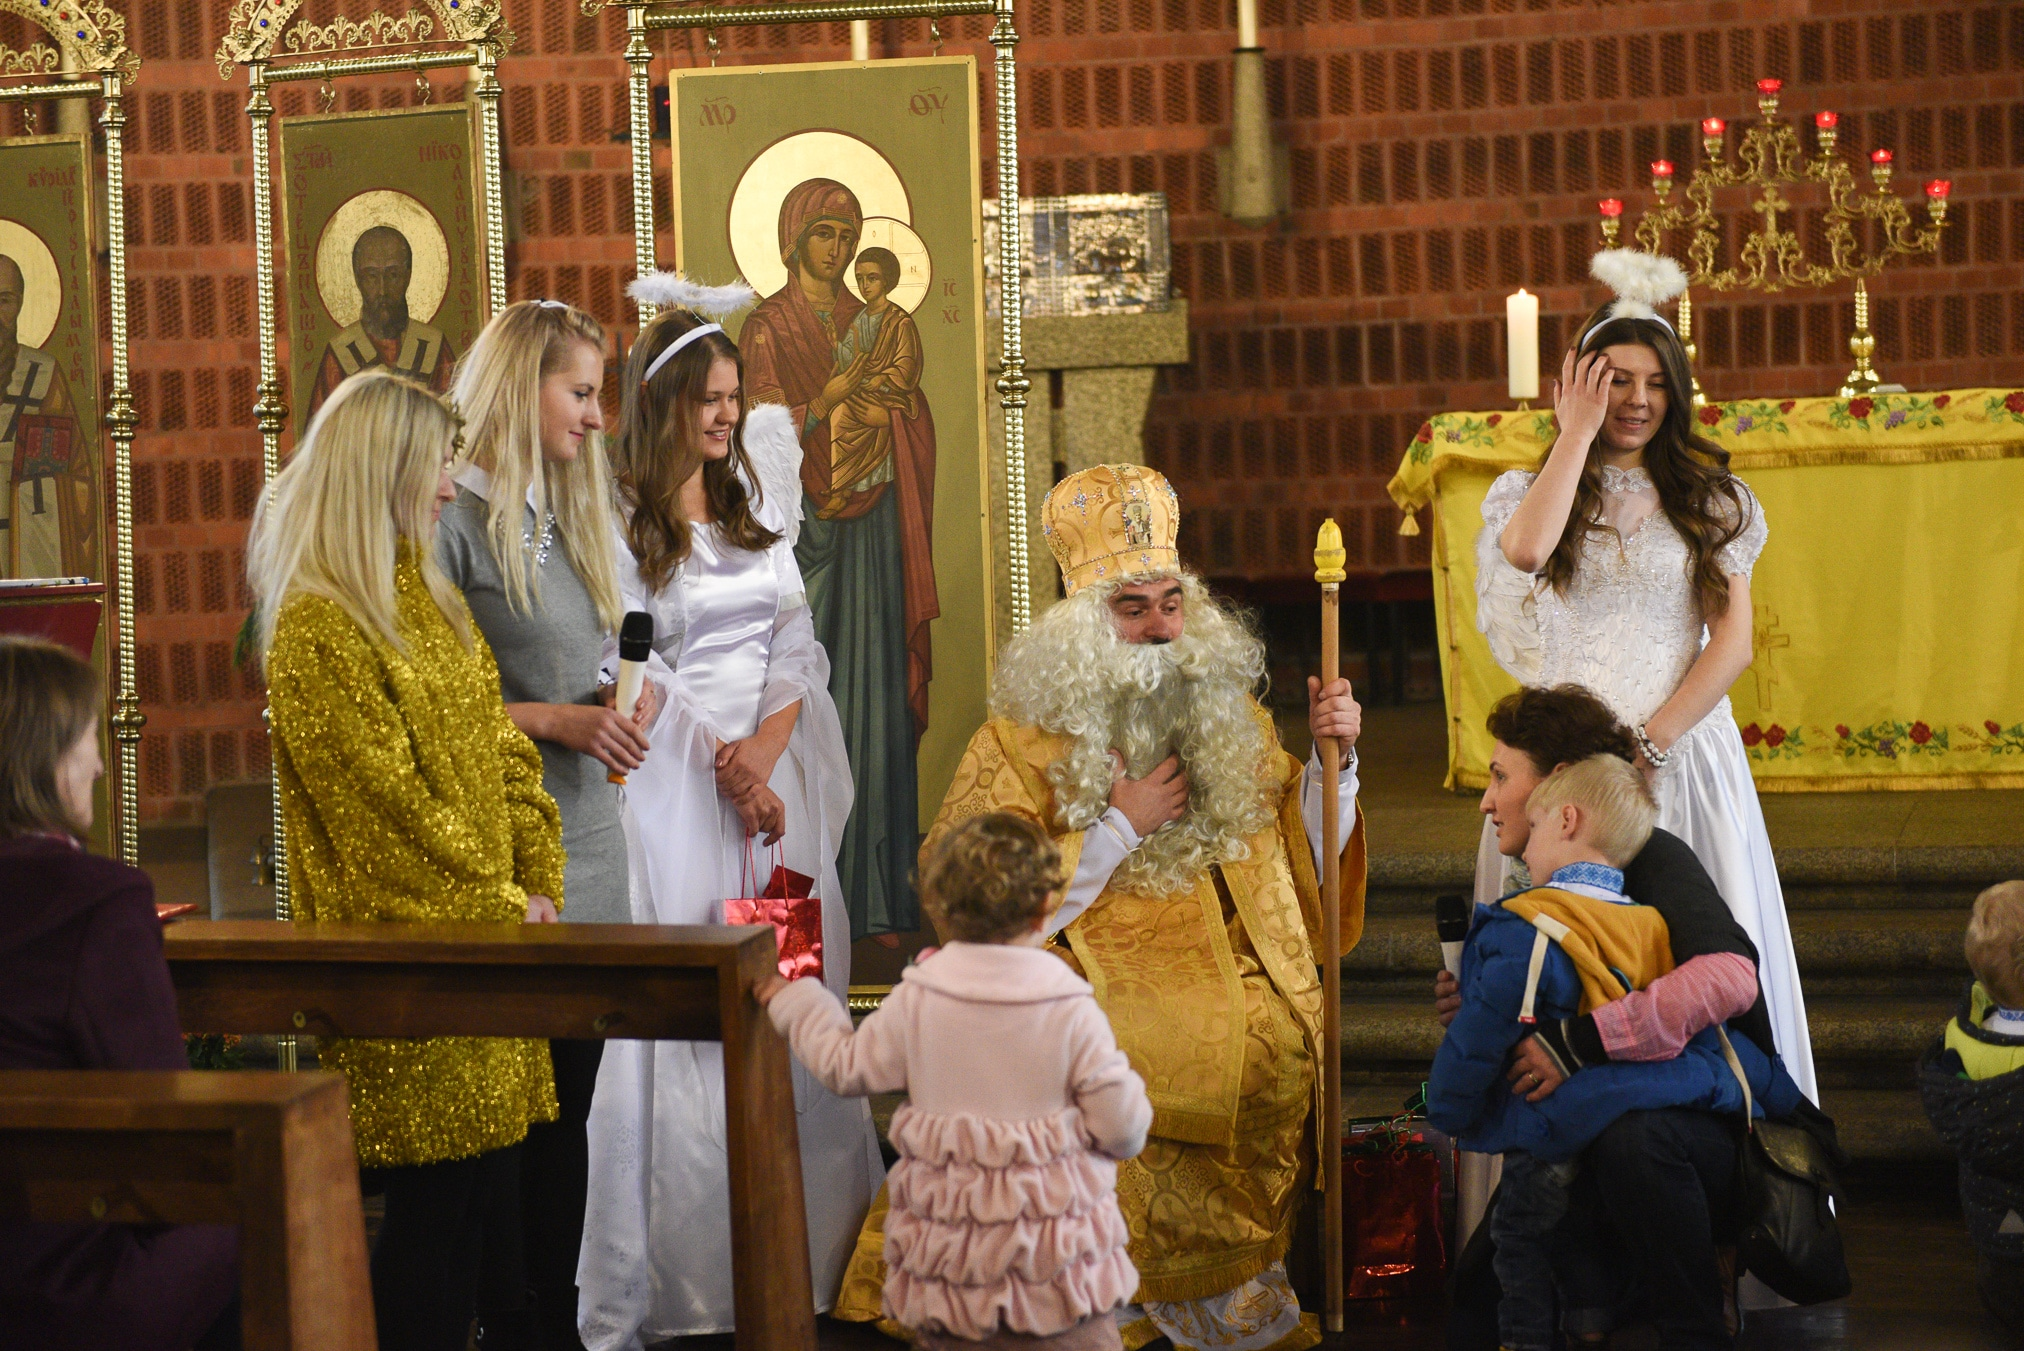 Світлини зі святкування дня Святого Миколая у Кьольні